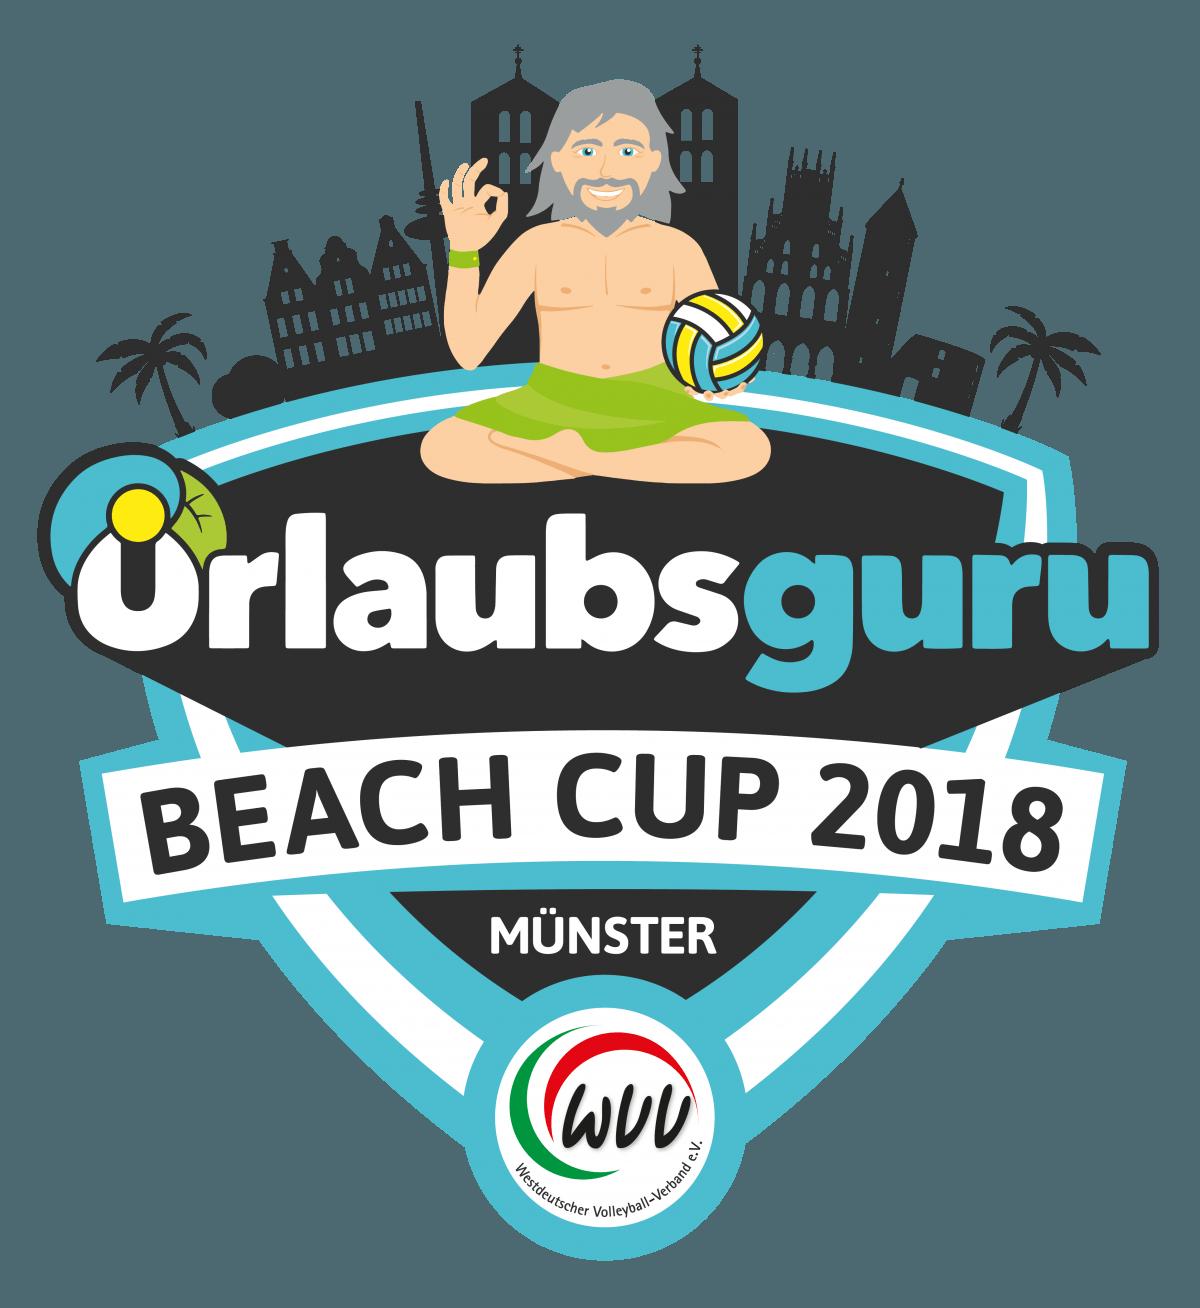 Urlaubsguru Beach-Cup vom 03.-05. August 2018 in Münster